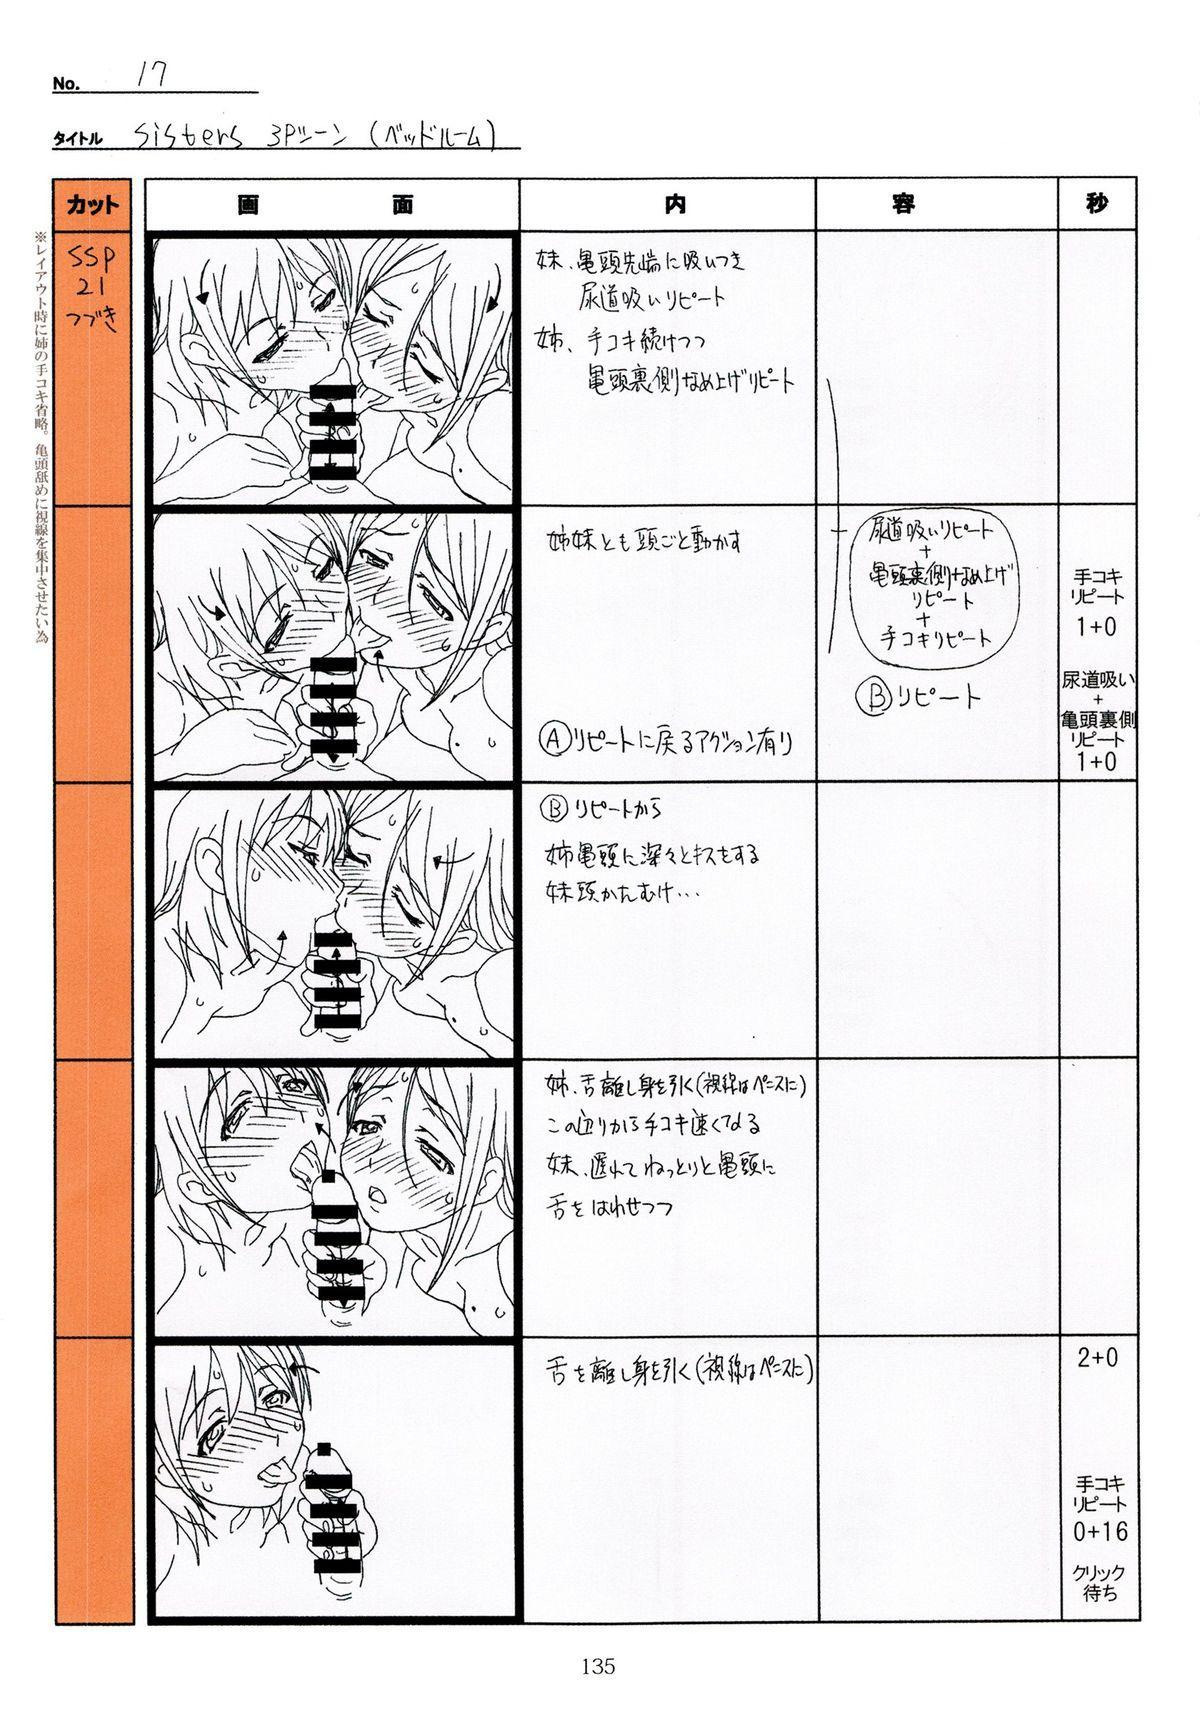 (C89) [Makino Jimusho (Taki Minashika)] SISTERS -Natsu no Saigo no Hi- H Scene All Part Storyboard (SISTERS -Natsu no Saigo no Hi-) 134